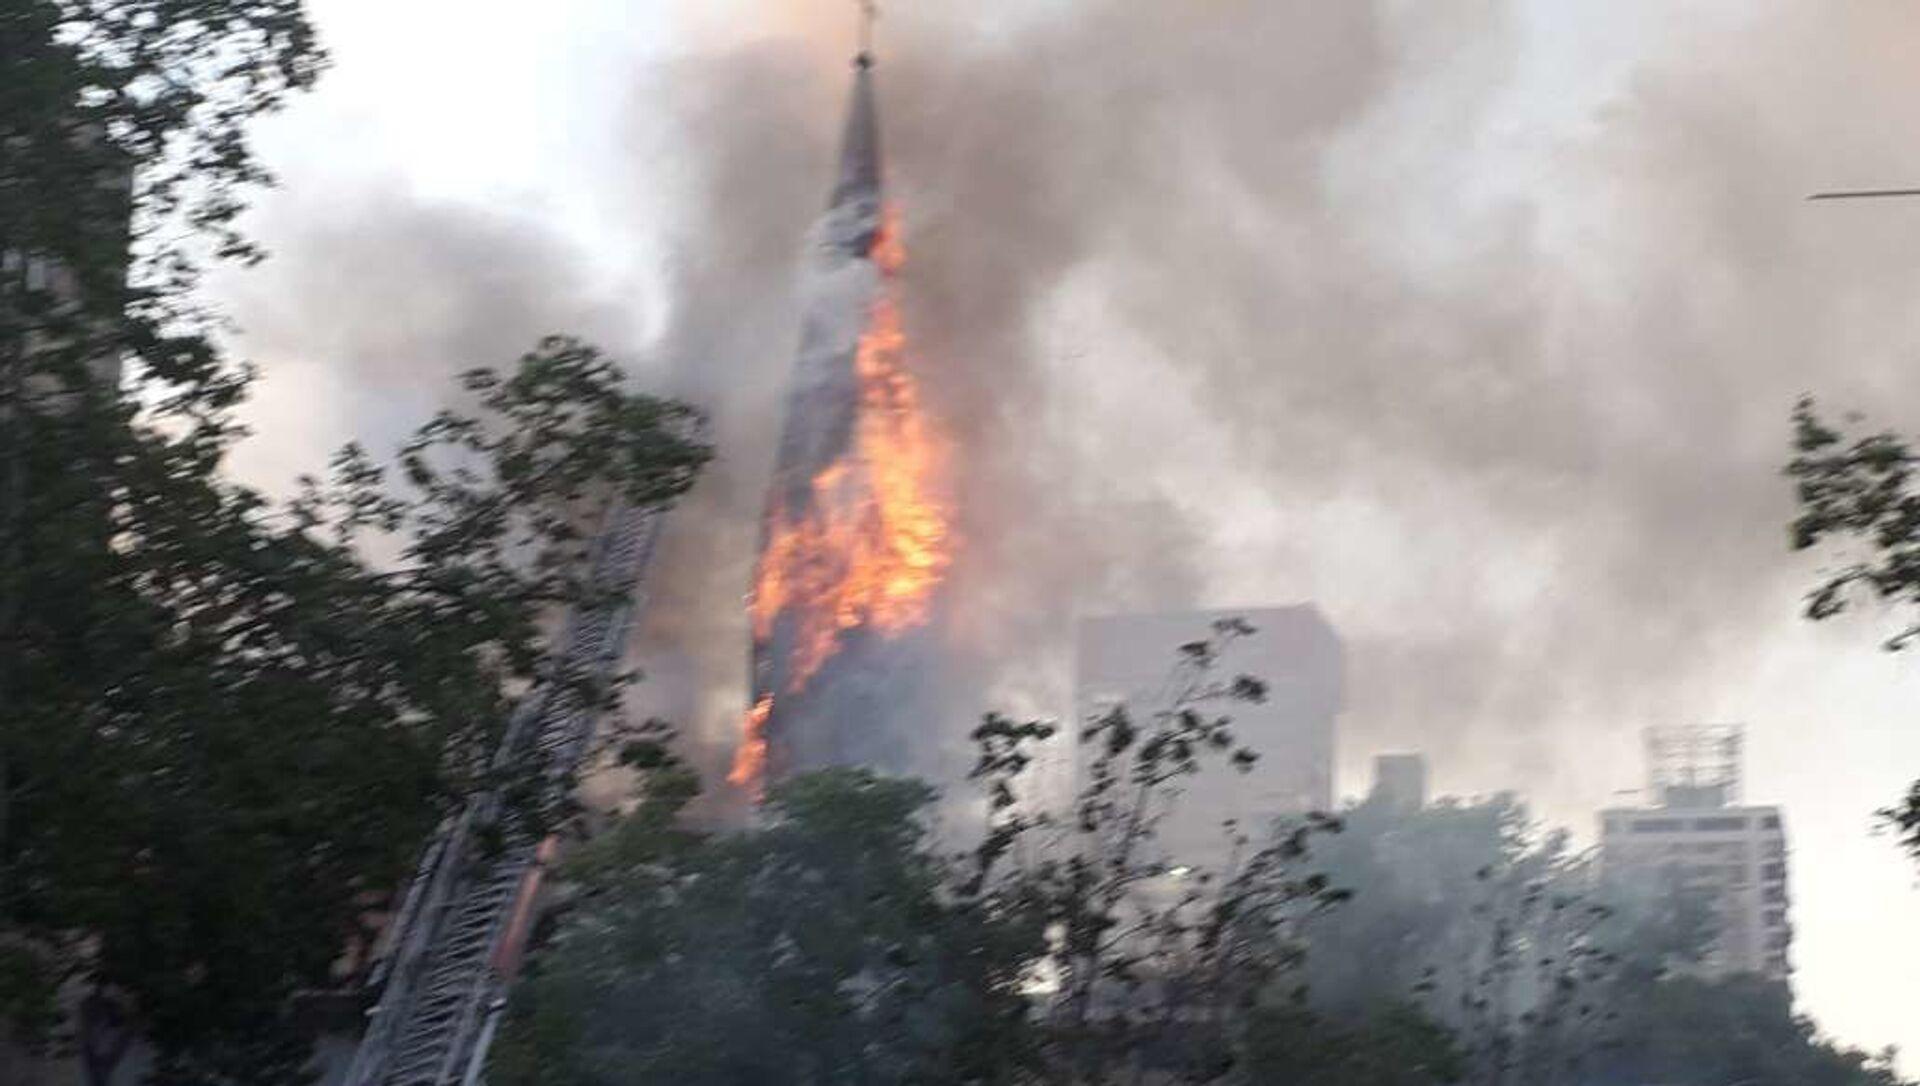 Incendio en iglesia de Santiago durante protestas por un año del estallido social - Sputnik Mundo, 1920, 22.10.2020